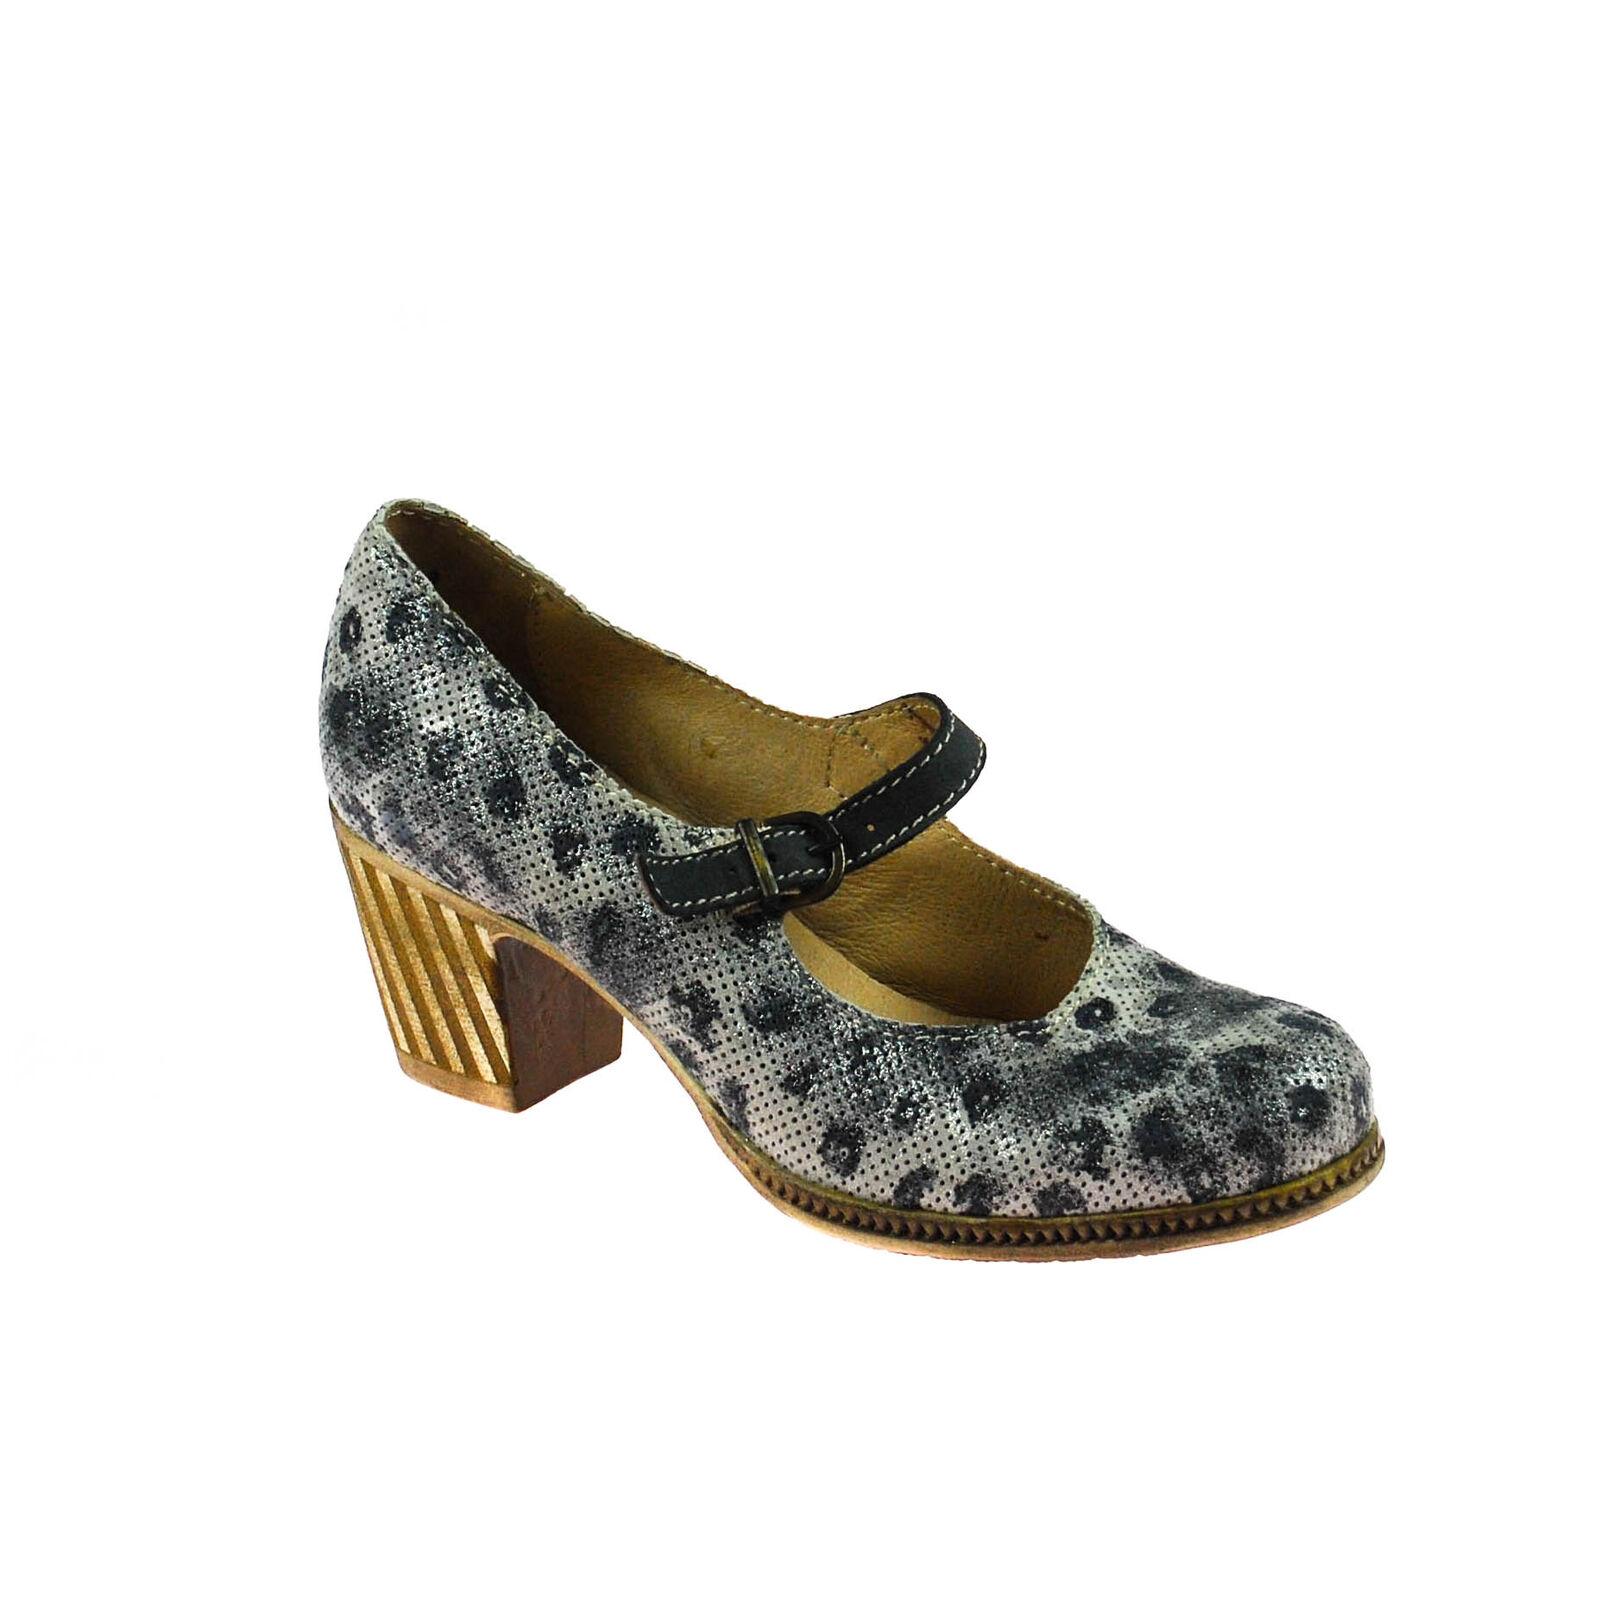 Charme femmes chaussure ouverte cuir gris argenté gris foncé Taille 37